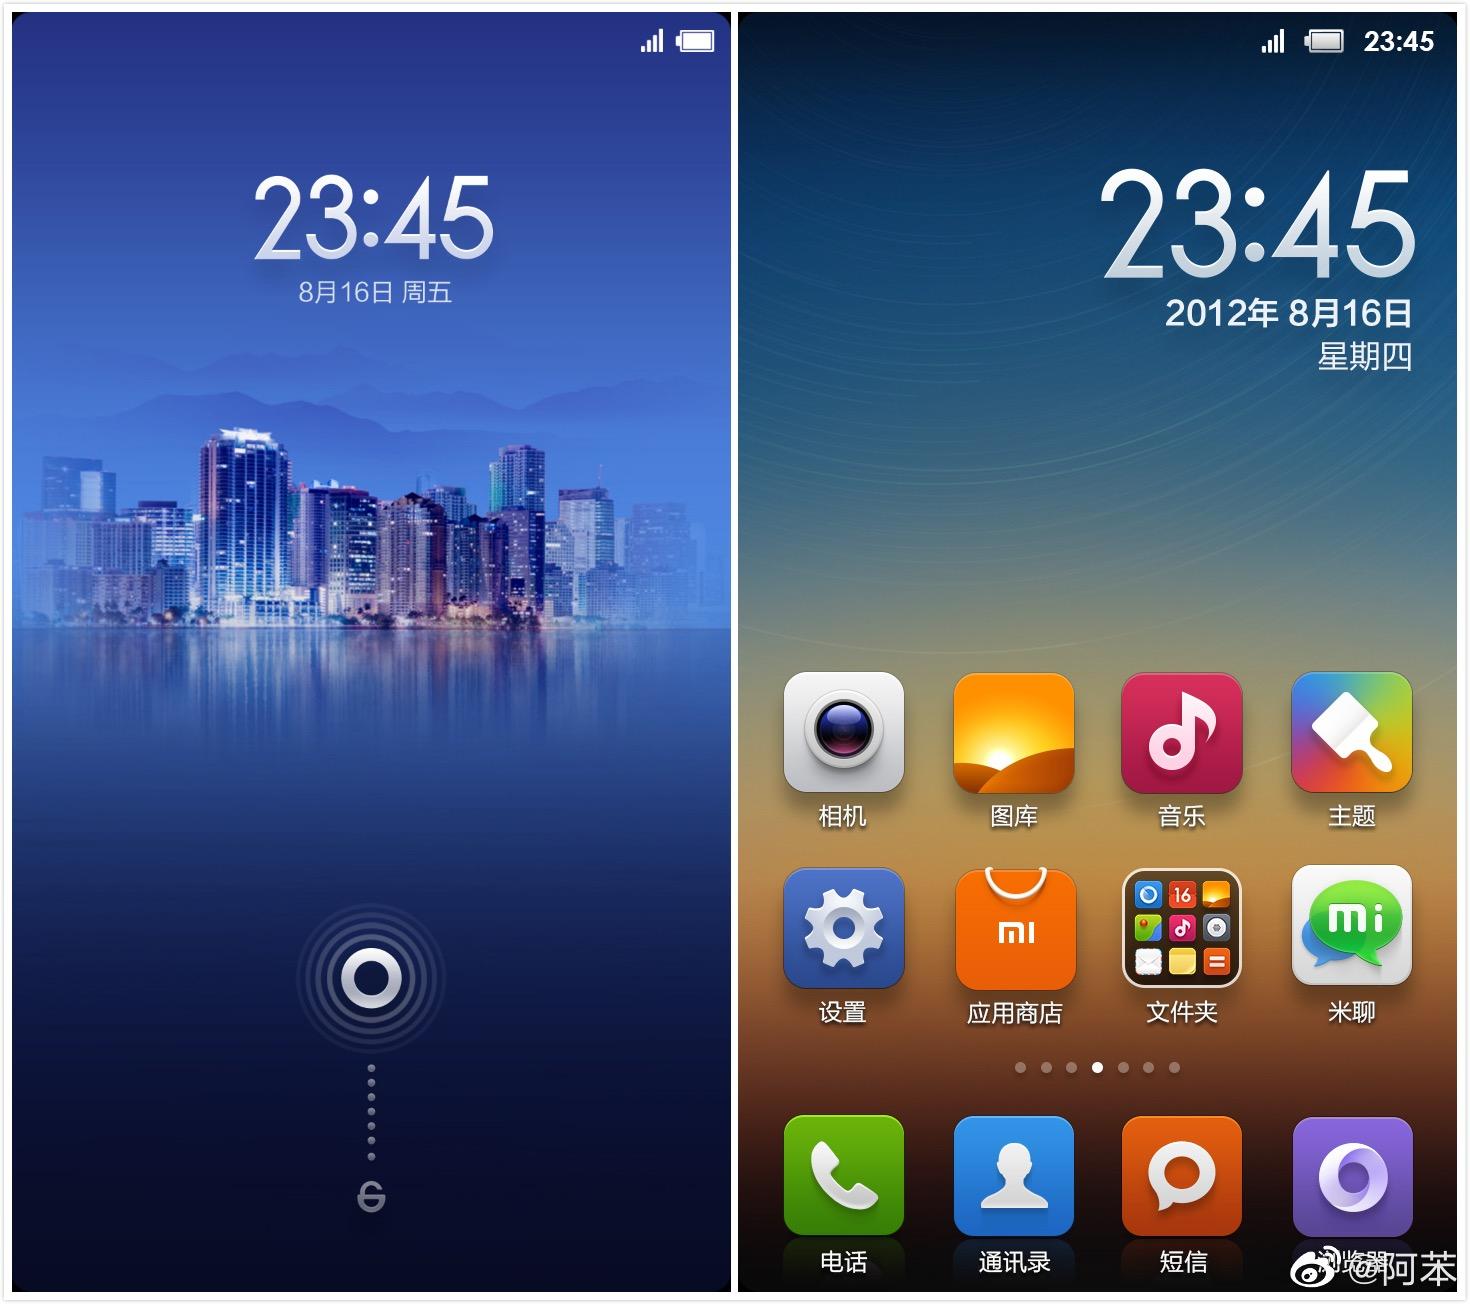 Los temas clásicos de las primeras versiones de MIUI llegarán a la aplicación Temas de Xiaomi. Noticias Xiaomi Adictos